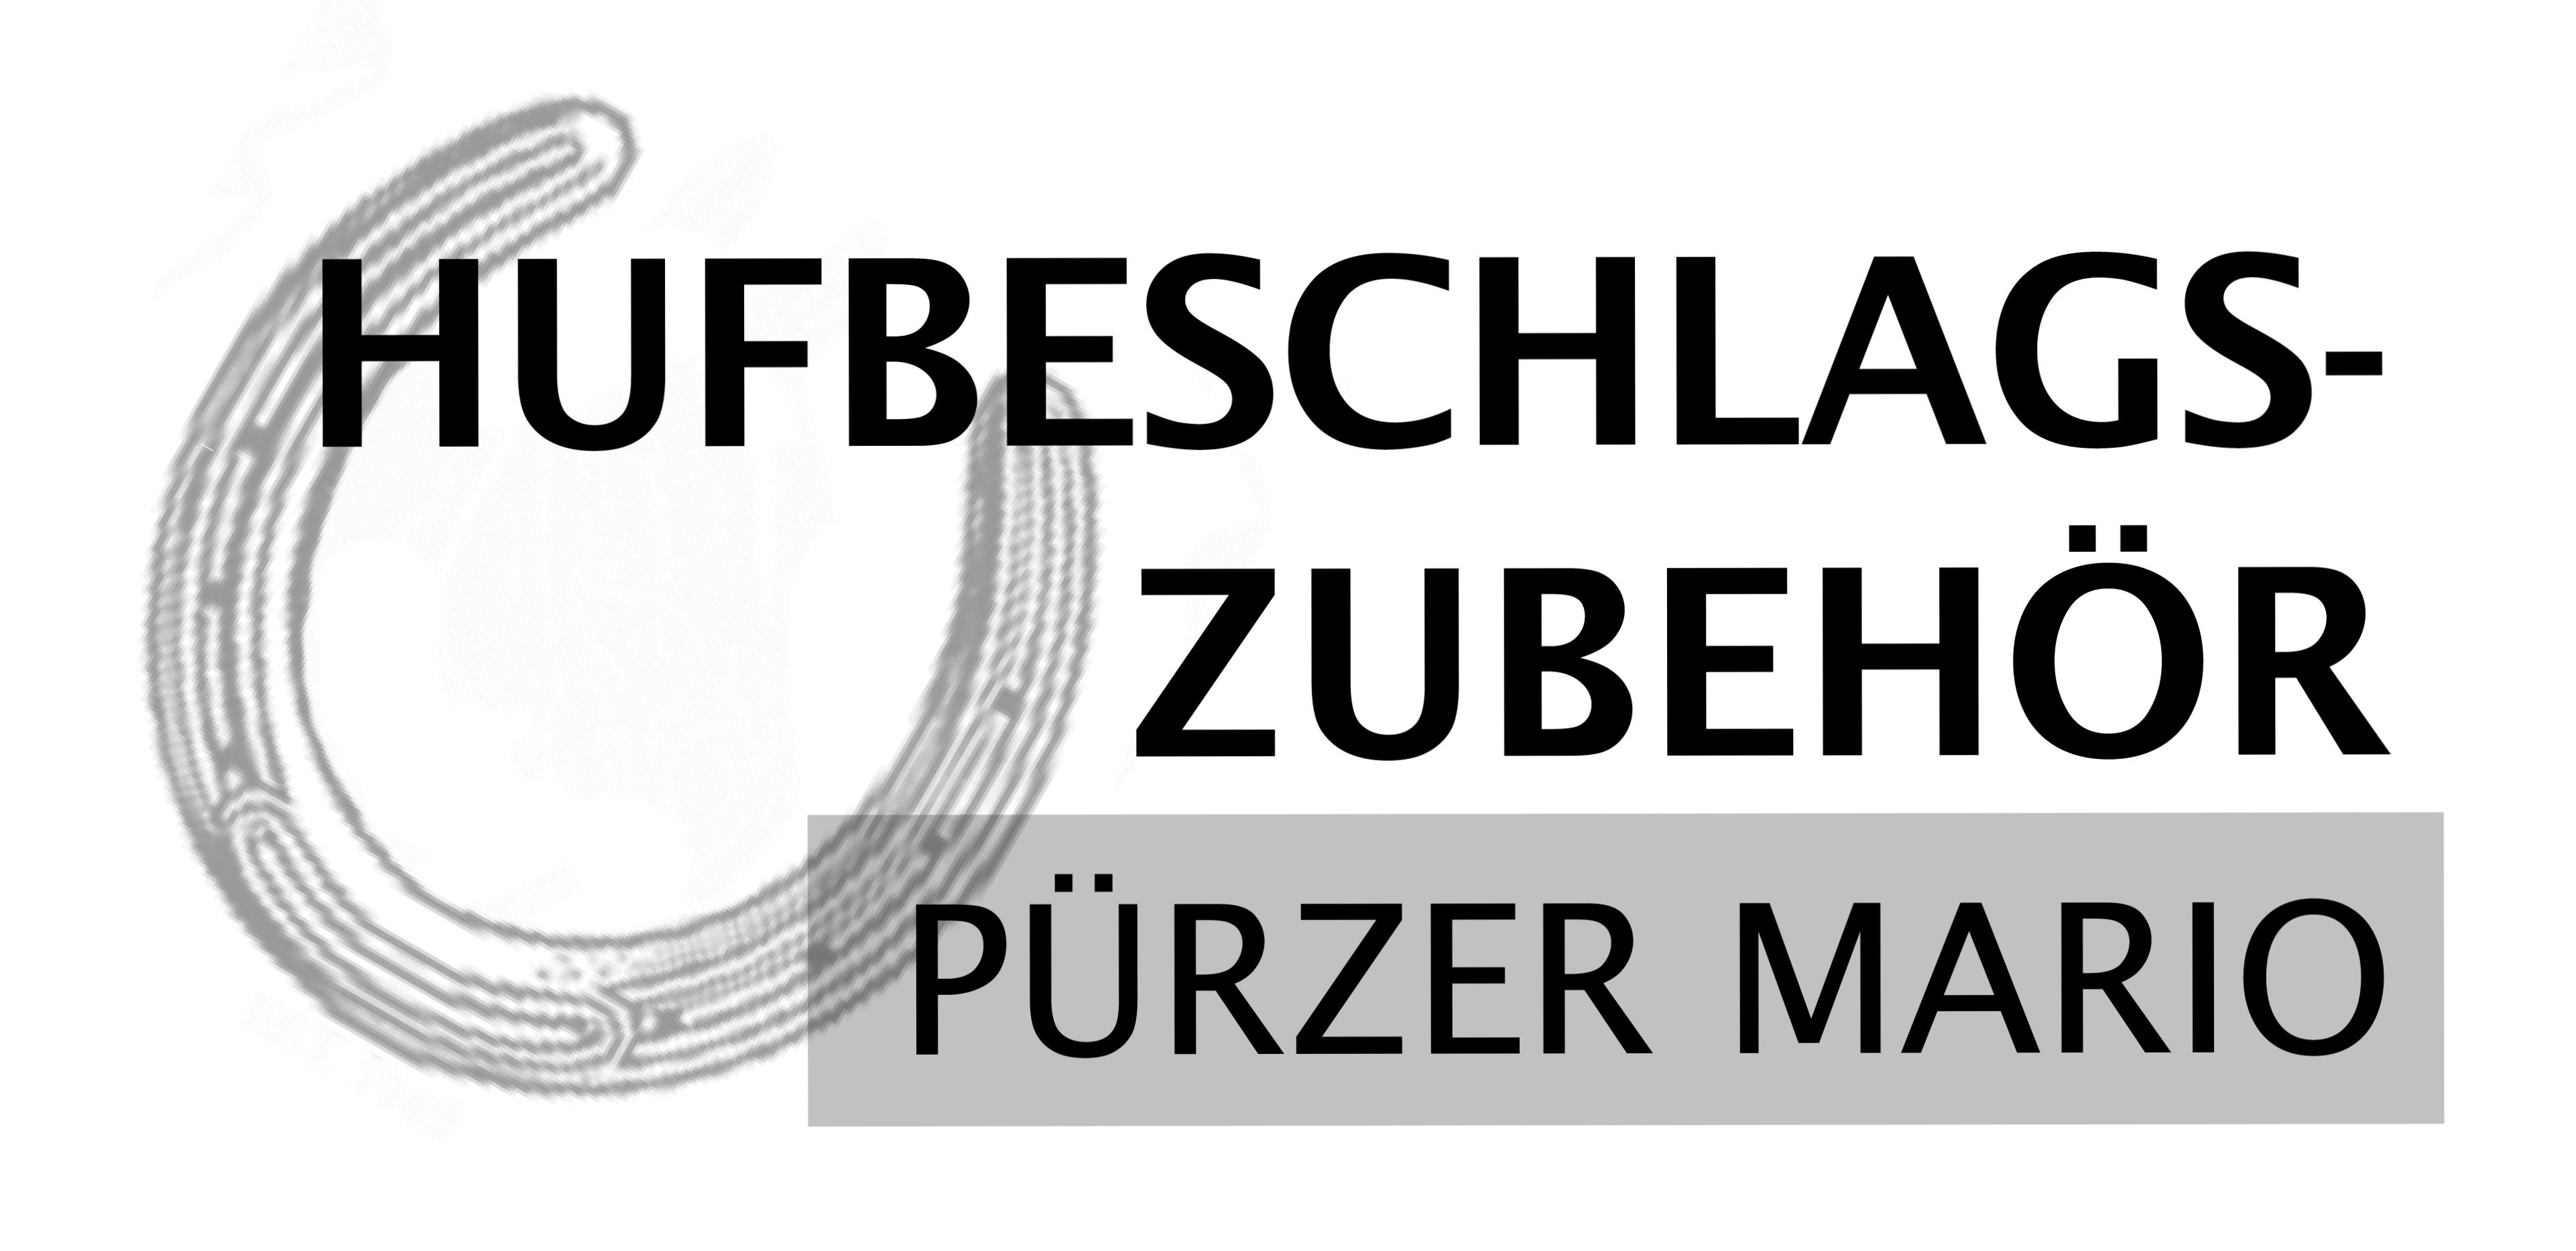 Hufbeschlagszubehör & Westernreitsport Mario Pürzer